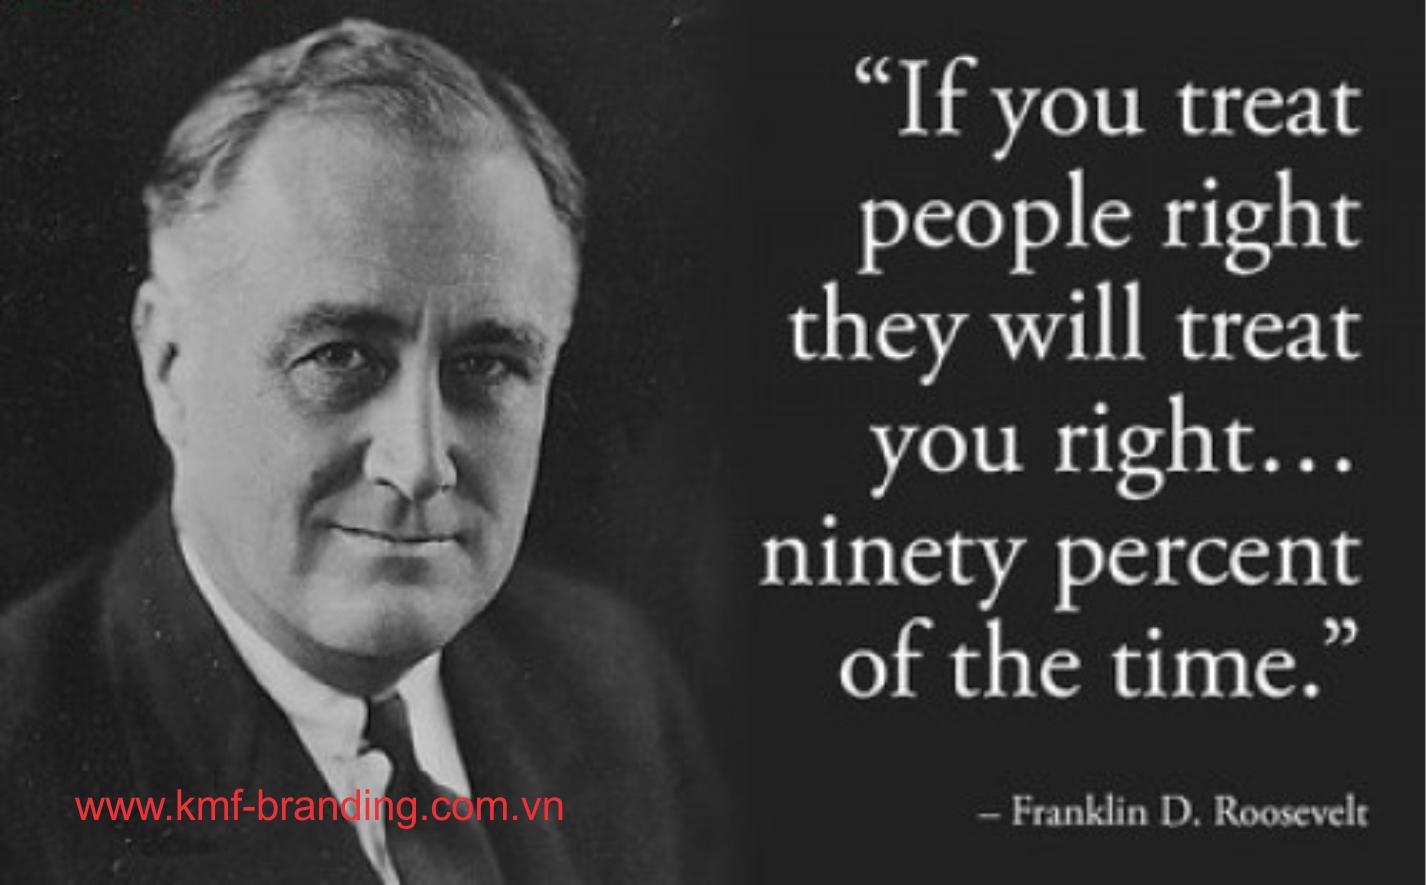 Franklin D Roosevelt Quotes Nếu Bạn Đối Tốt Với Mọi Người 90% Họ Cũng Sẽ Đối Tốt Lại Với Bạn